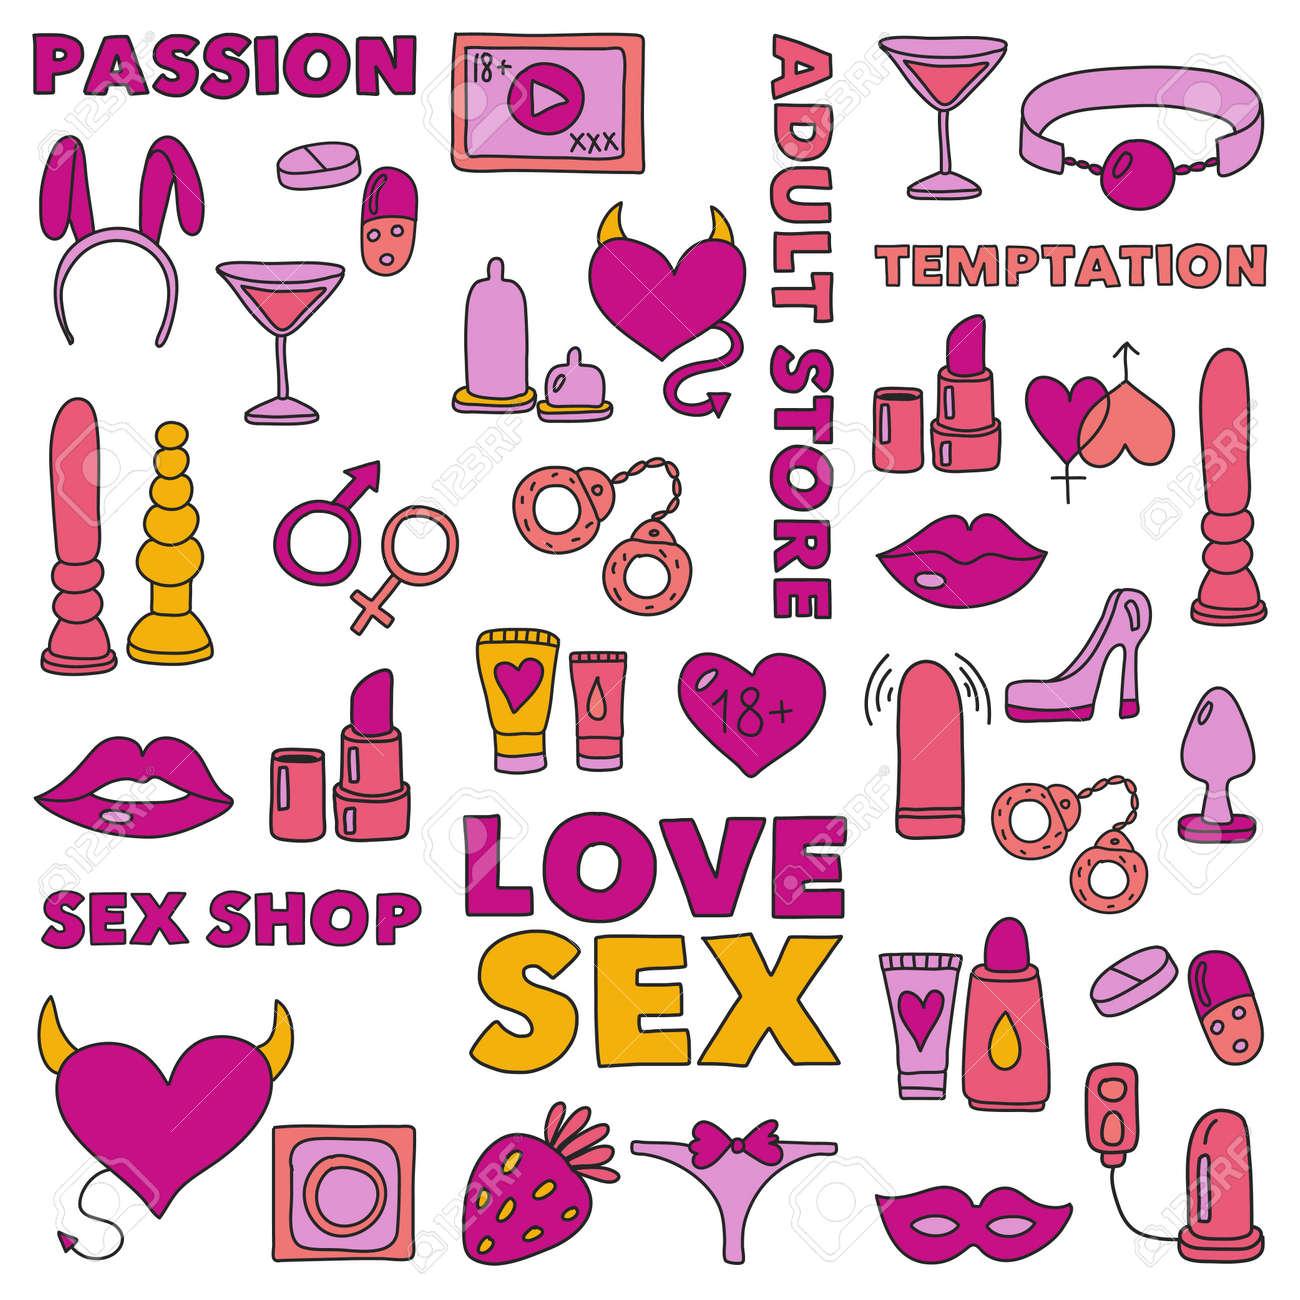 Para Con Adultos Adultos Juguetes Patrón Sex ShopTienda CdoBQrxeW